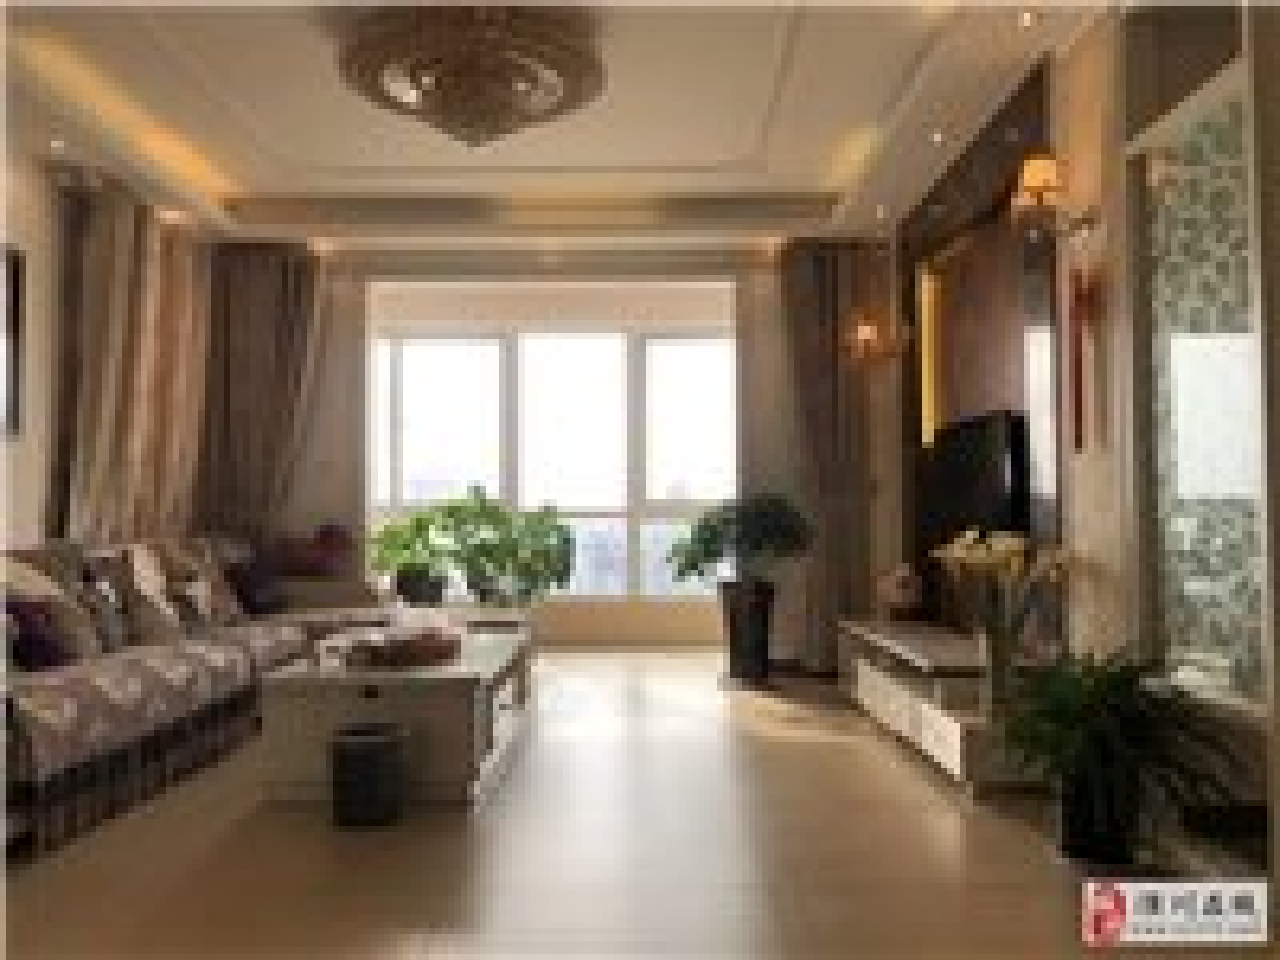 丹桂园4室 2厅 2卫120万元